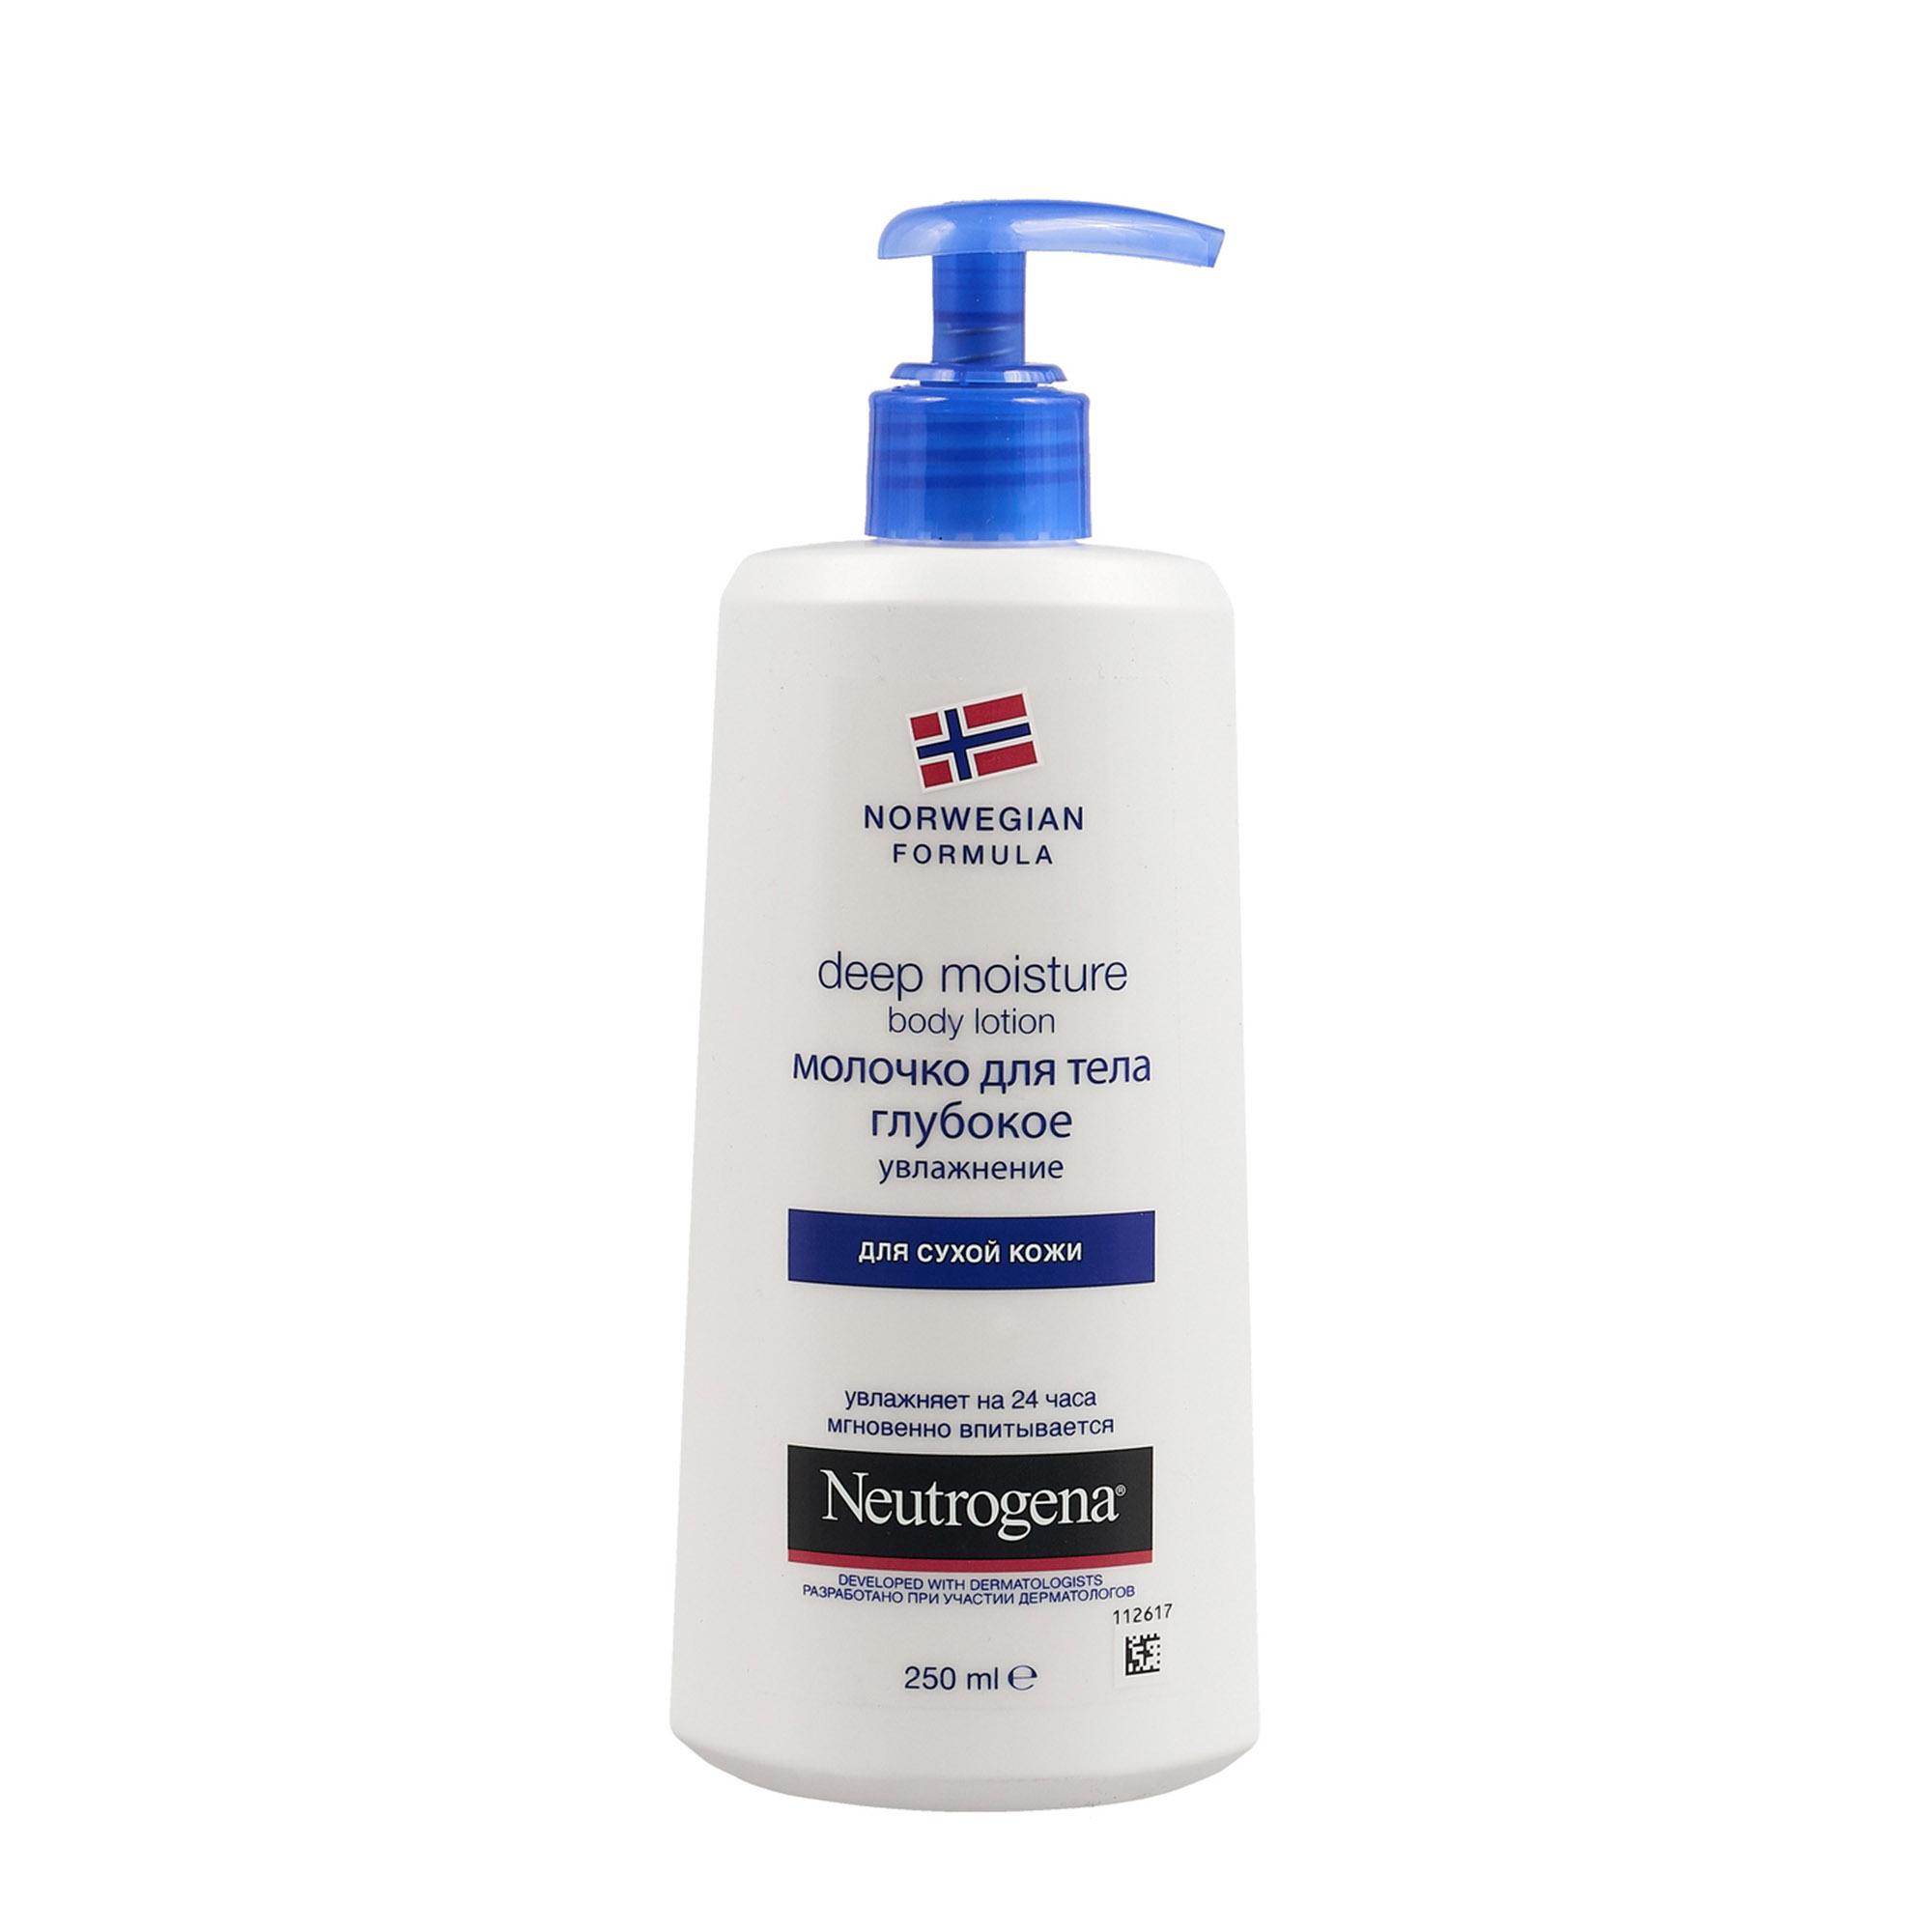 Молочко для тела Neutrogena Глубокое увлажнение для сухой кожи 250 мл.